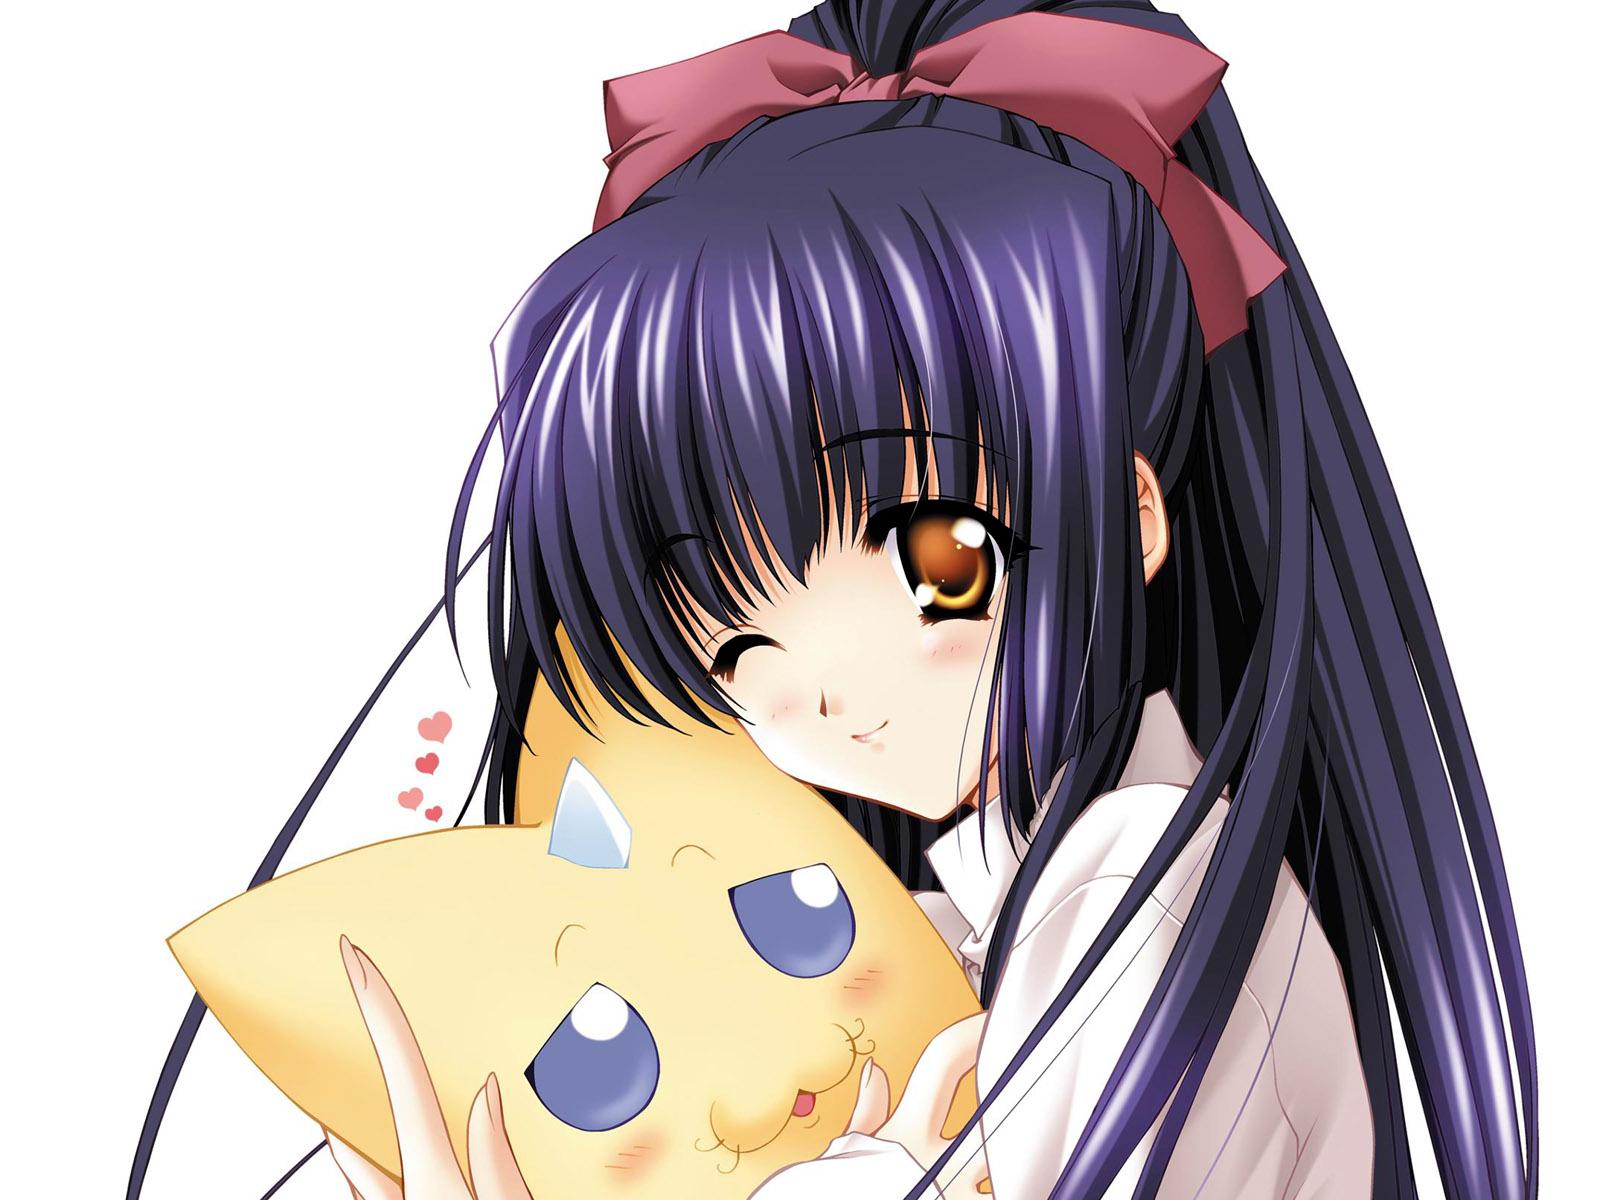 J Anime Character : Xxanime dreamxx anime